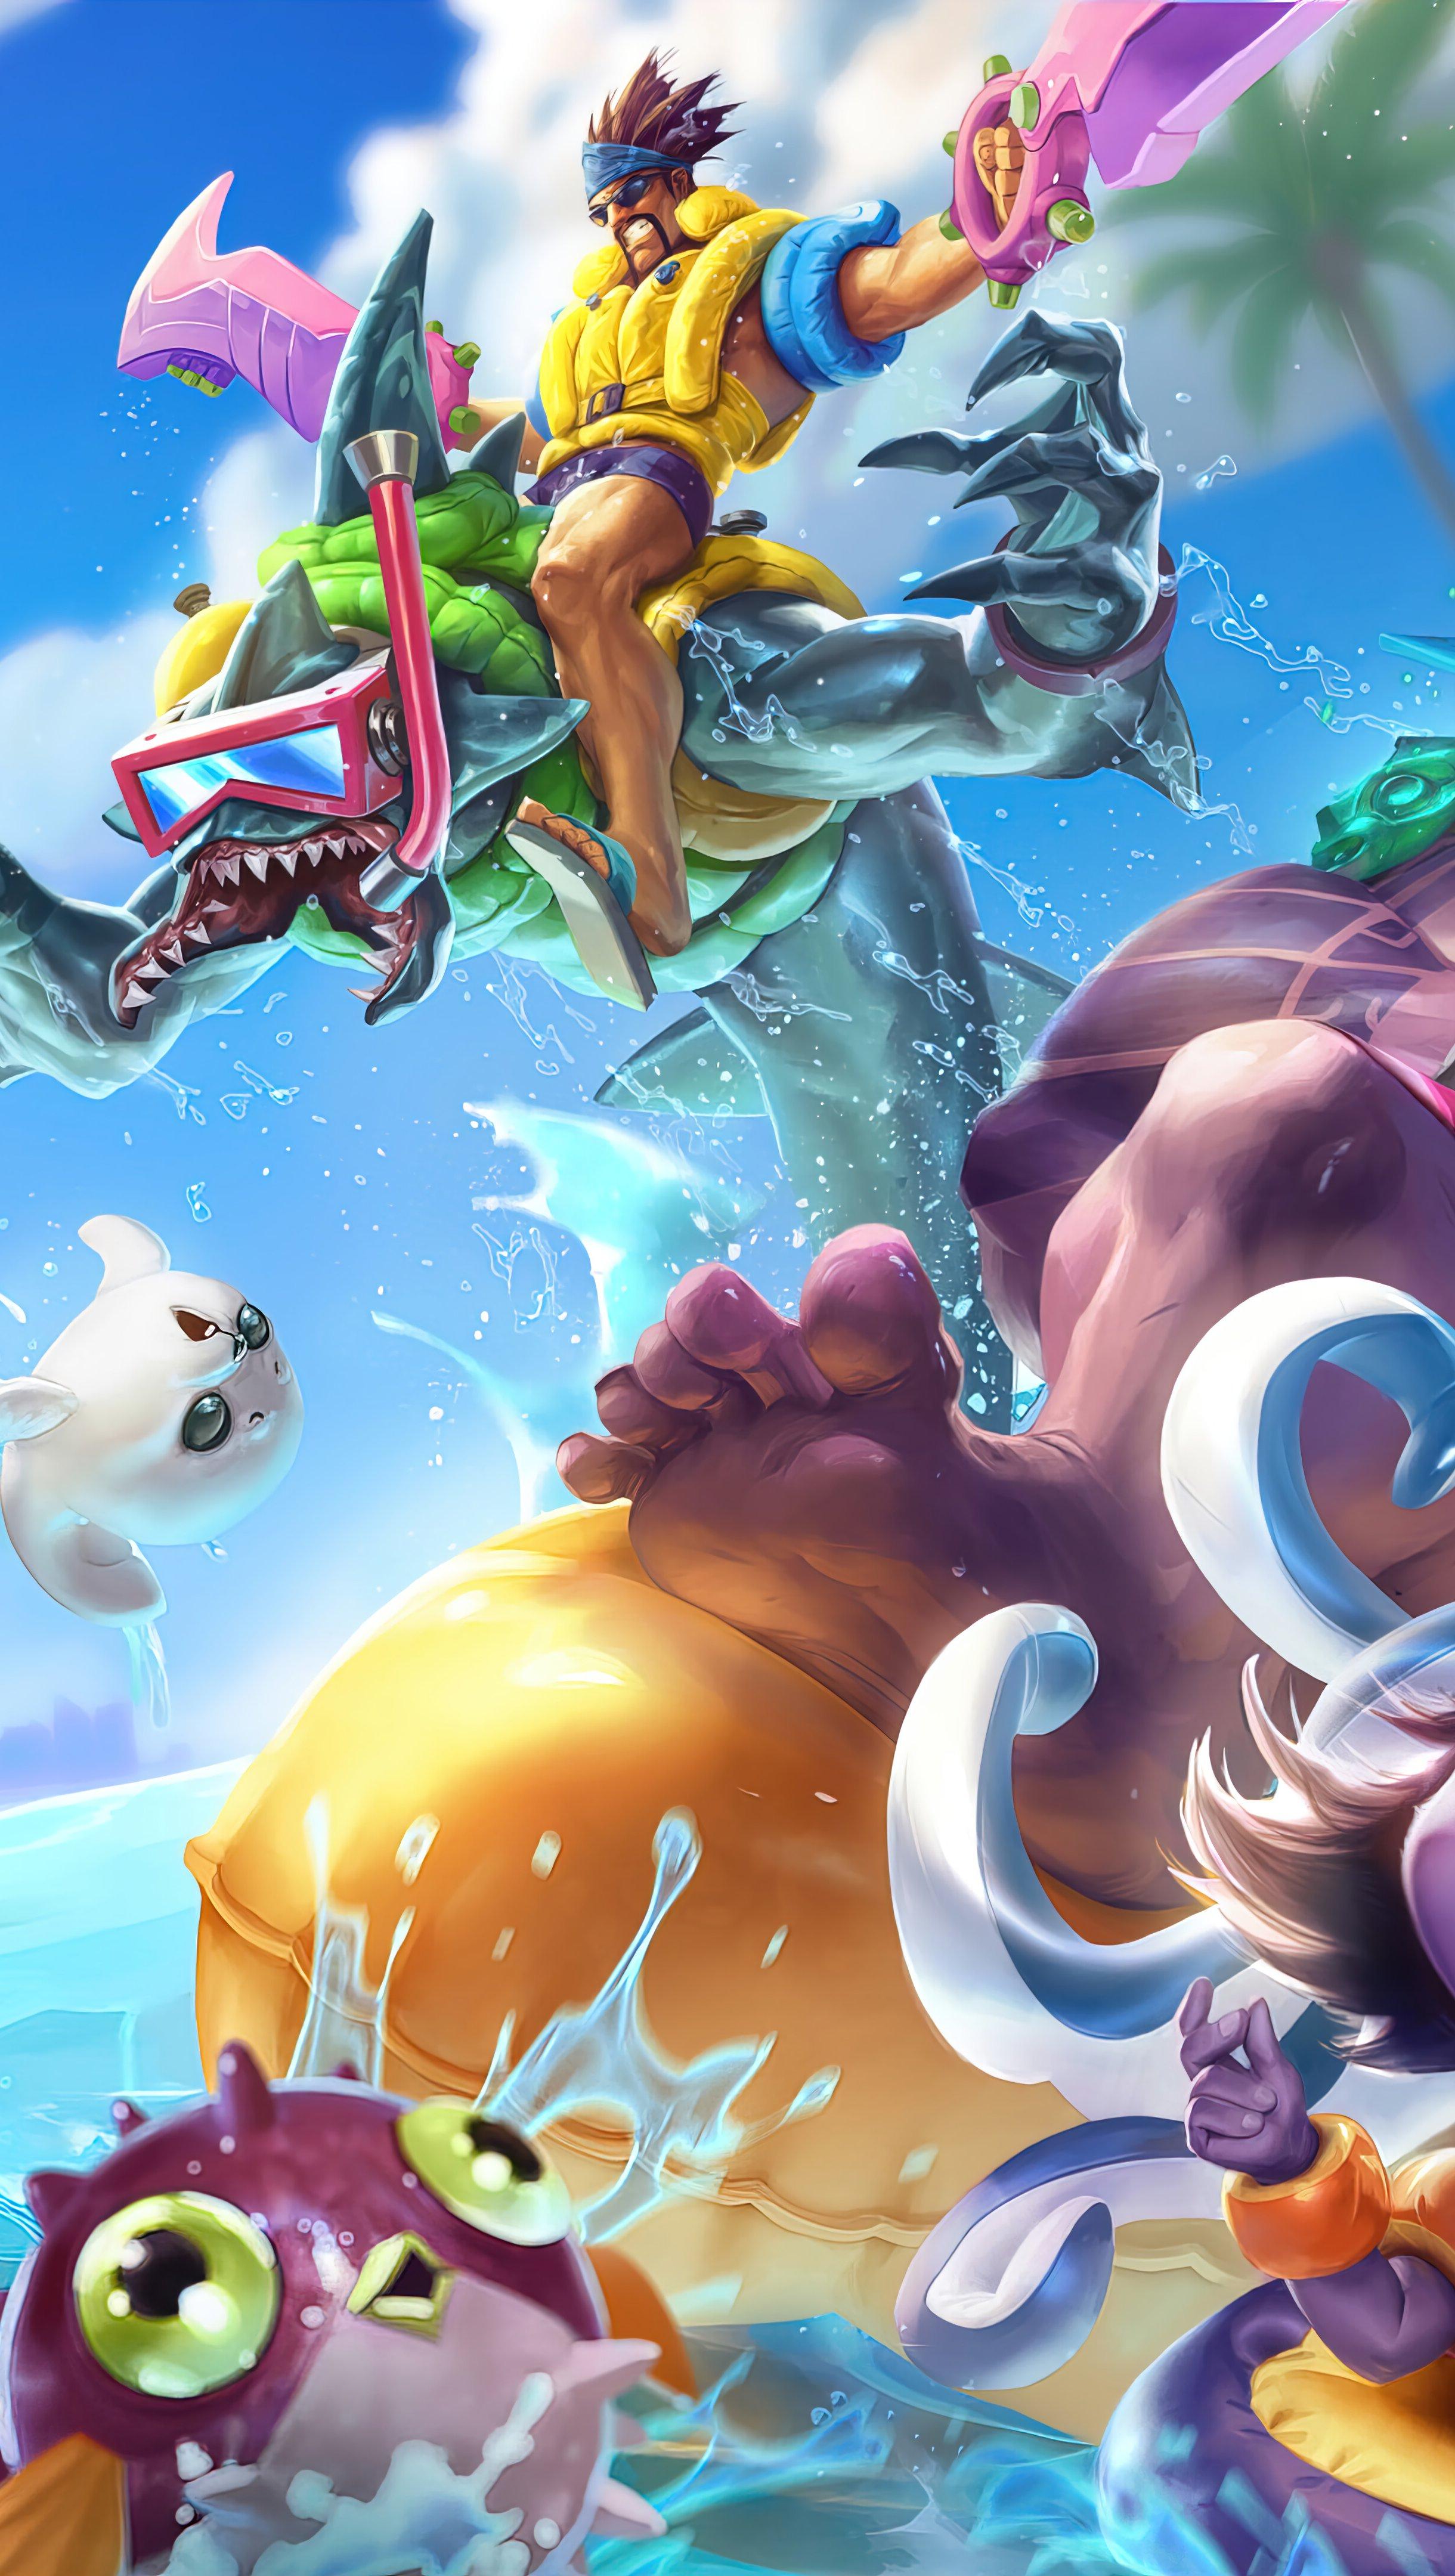 Fondos de pantalla Fiesta en la piscina League of Legends Vertical